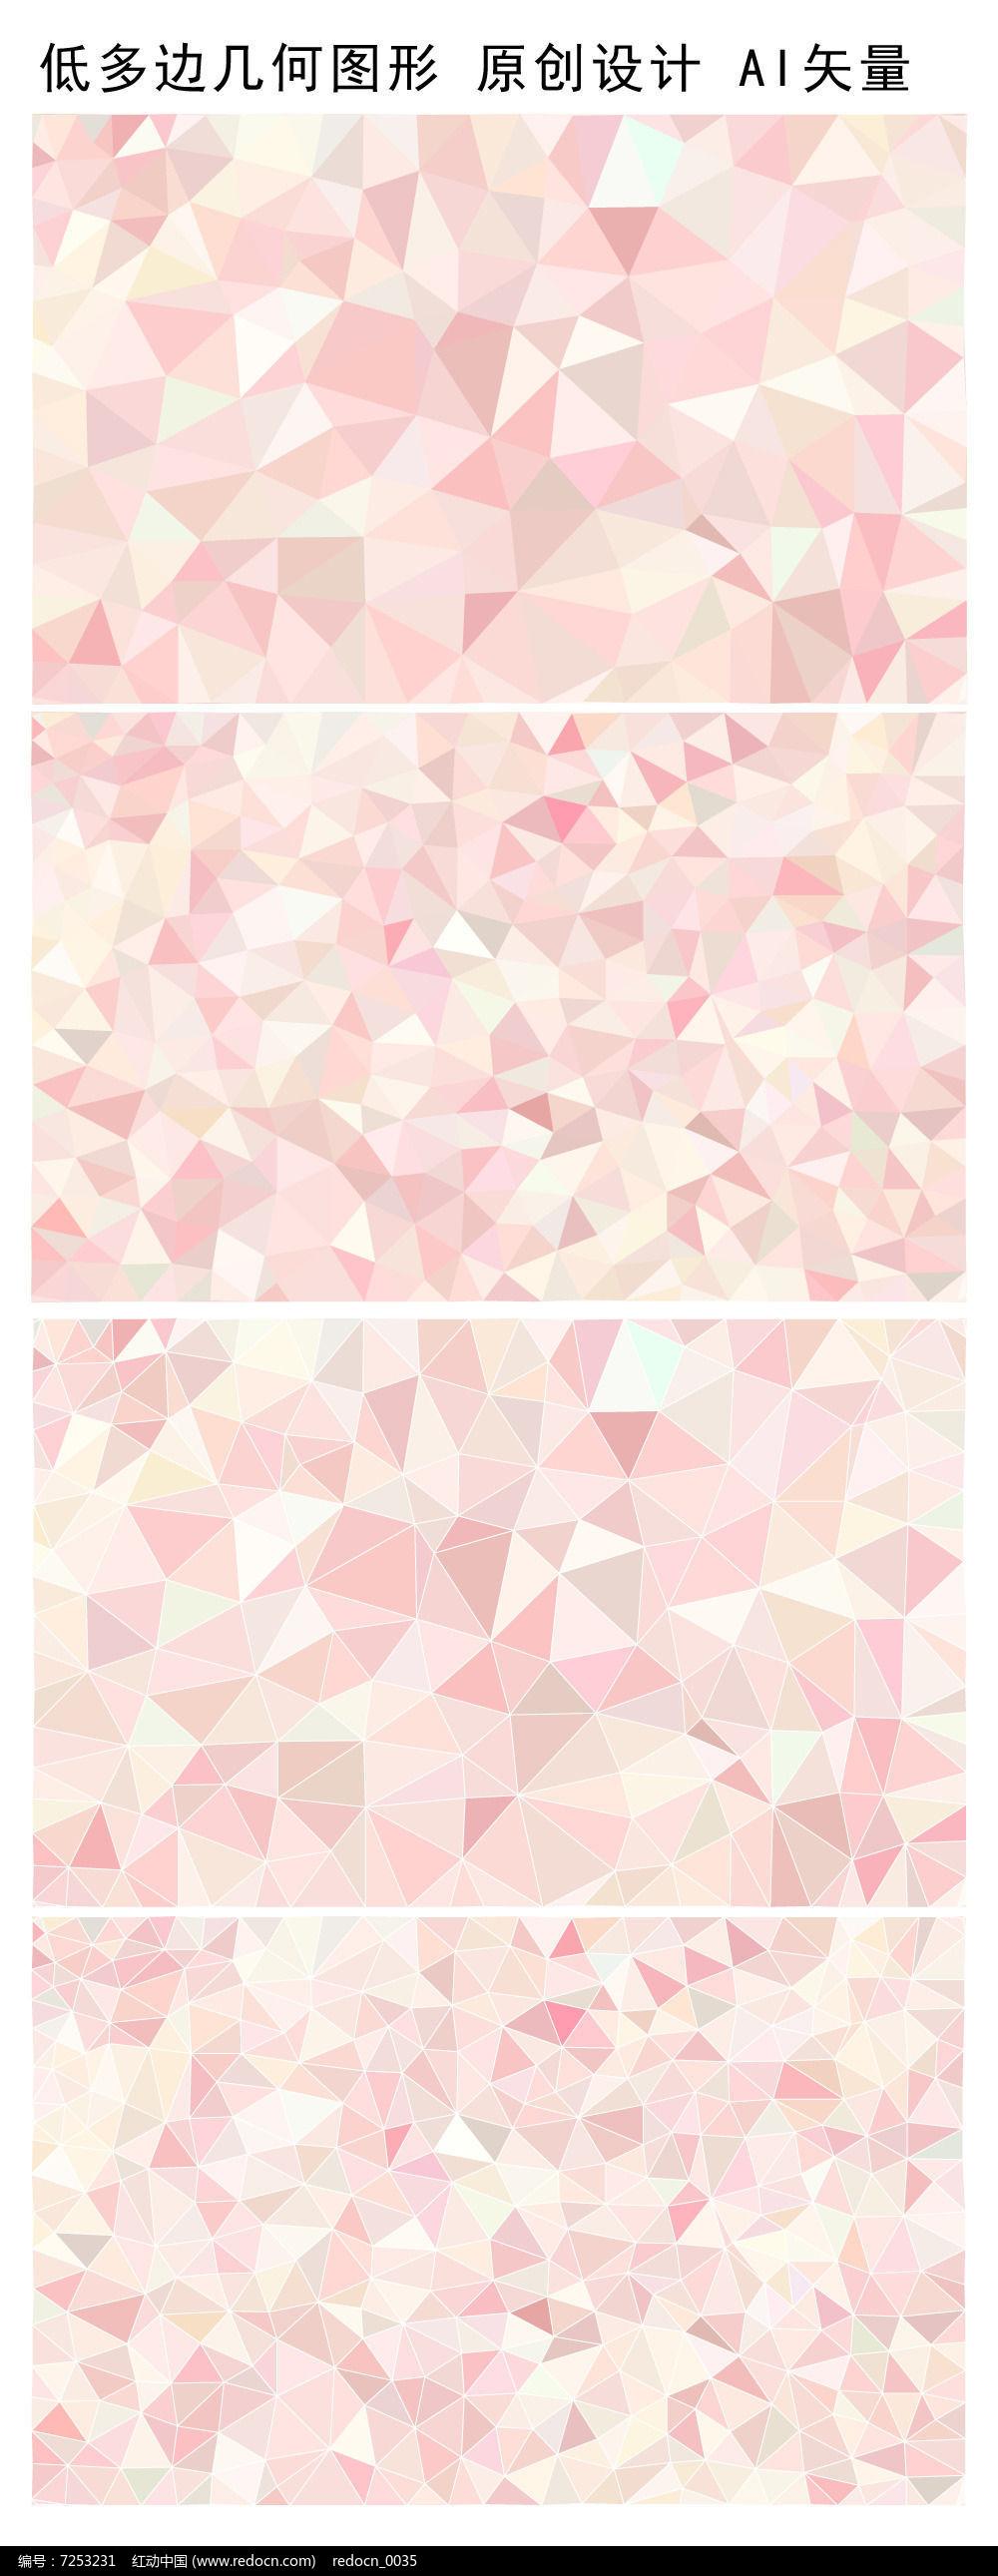 粉色几何多边形名片底纹图片